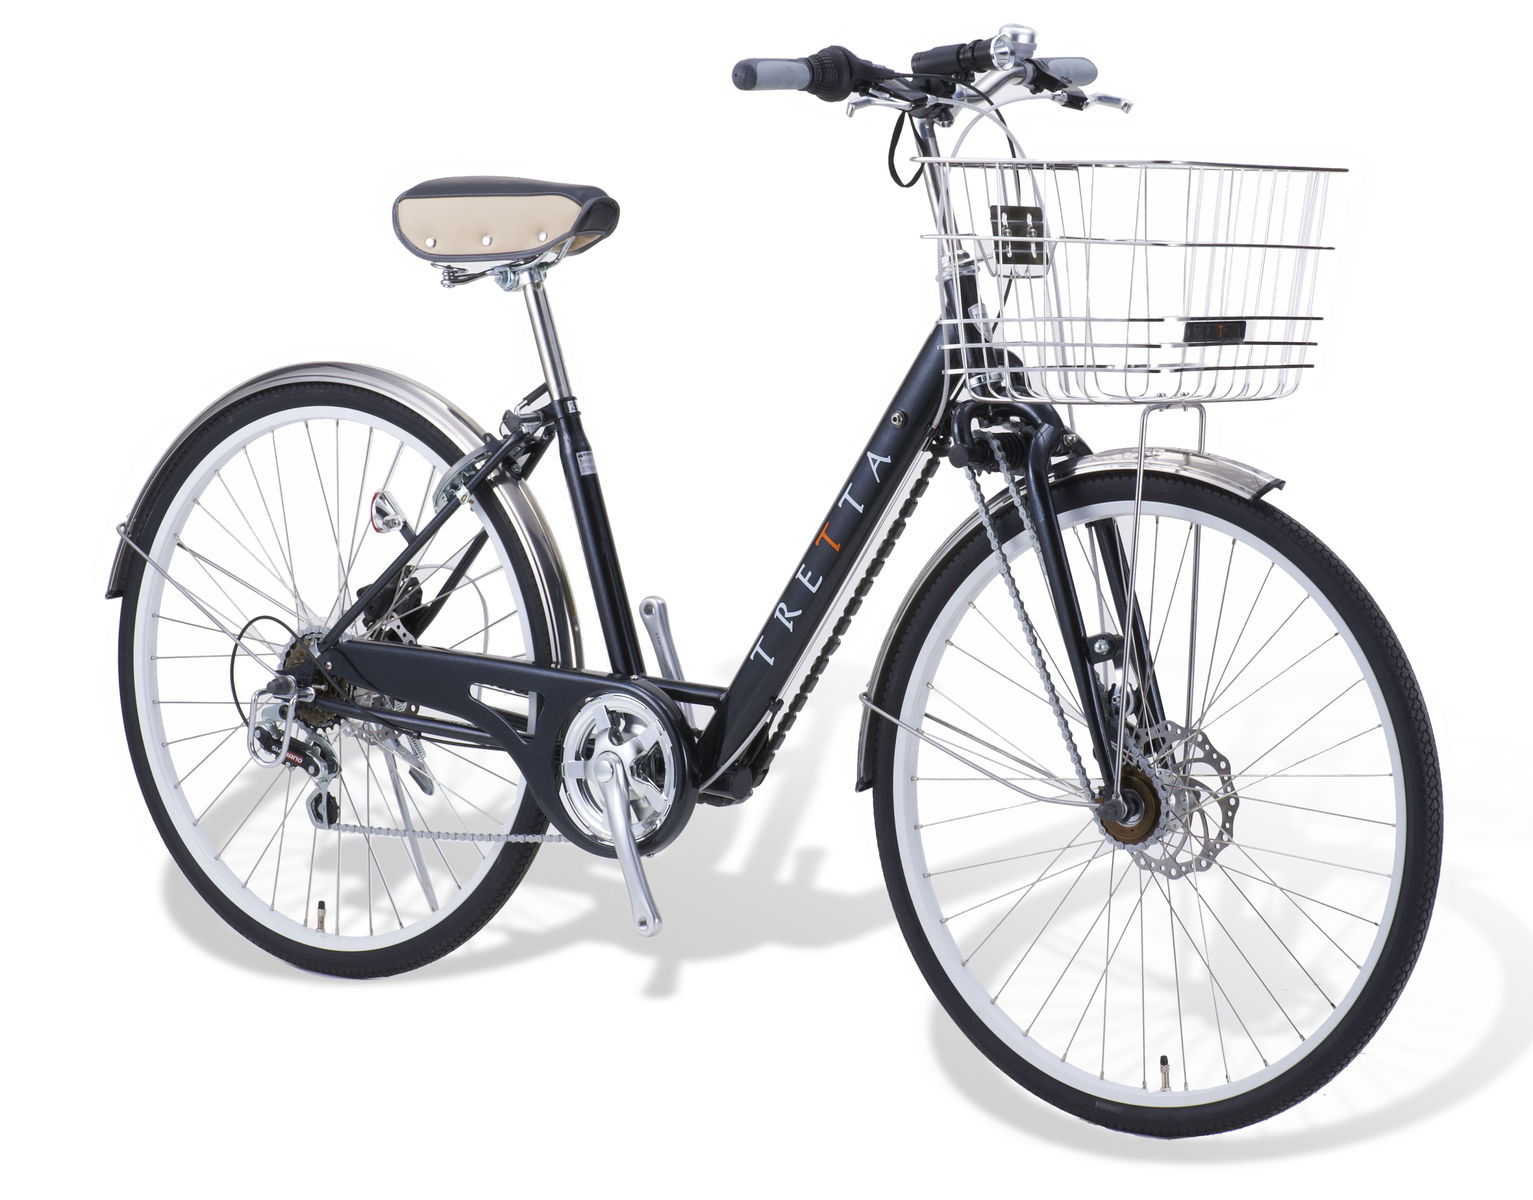 自転車の 自転車 前輪駆動 : 自転車に代わる次世代自転車 ...